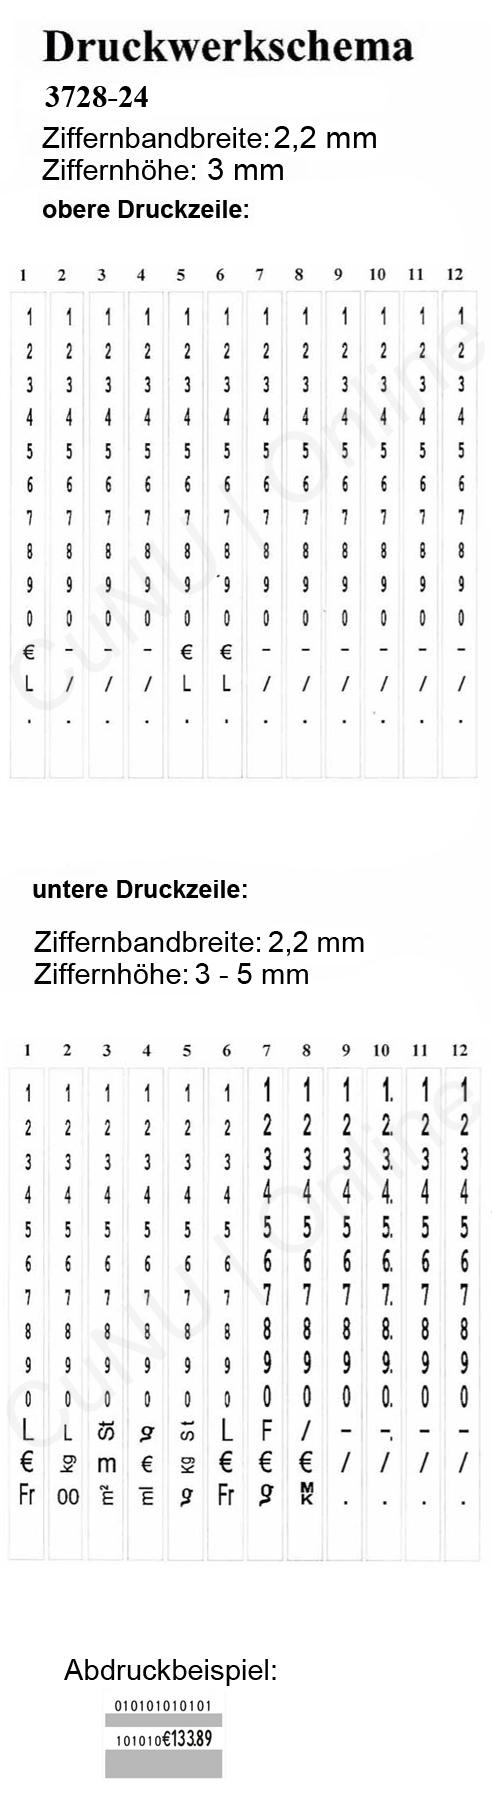 Handauszeichner für Artikelnummer und Preis